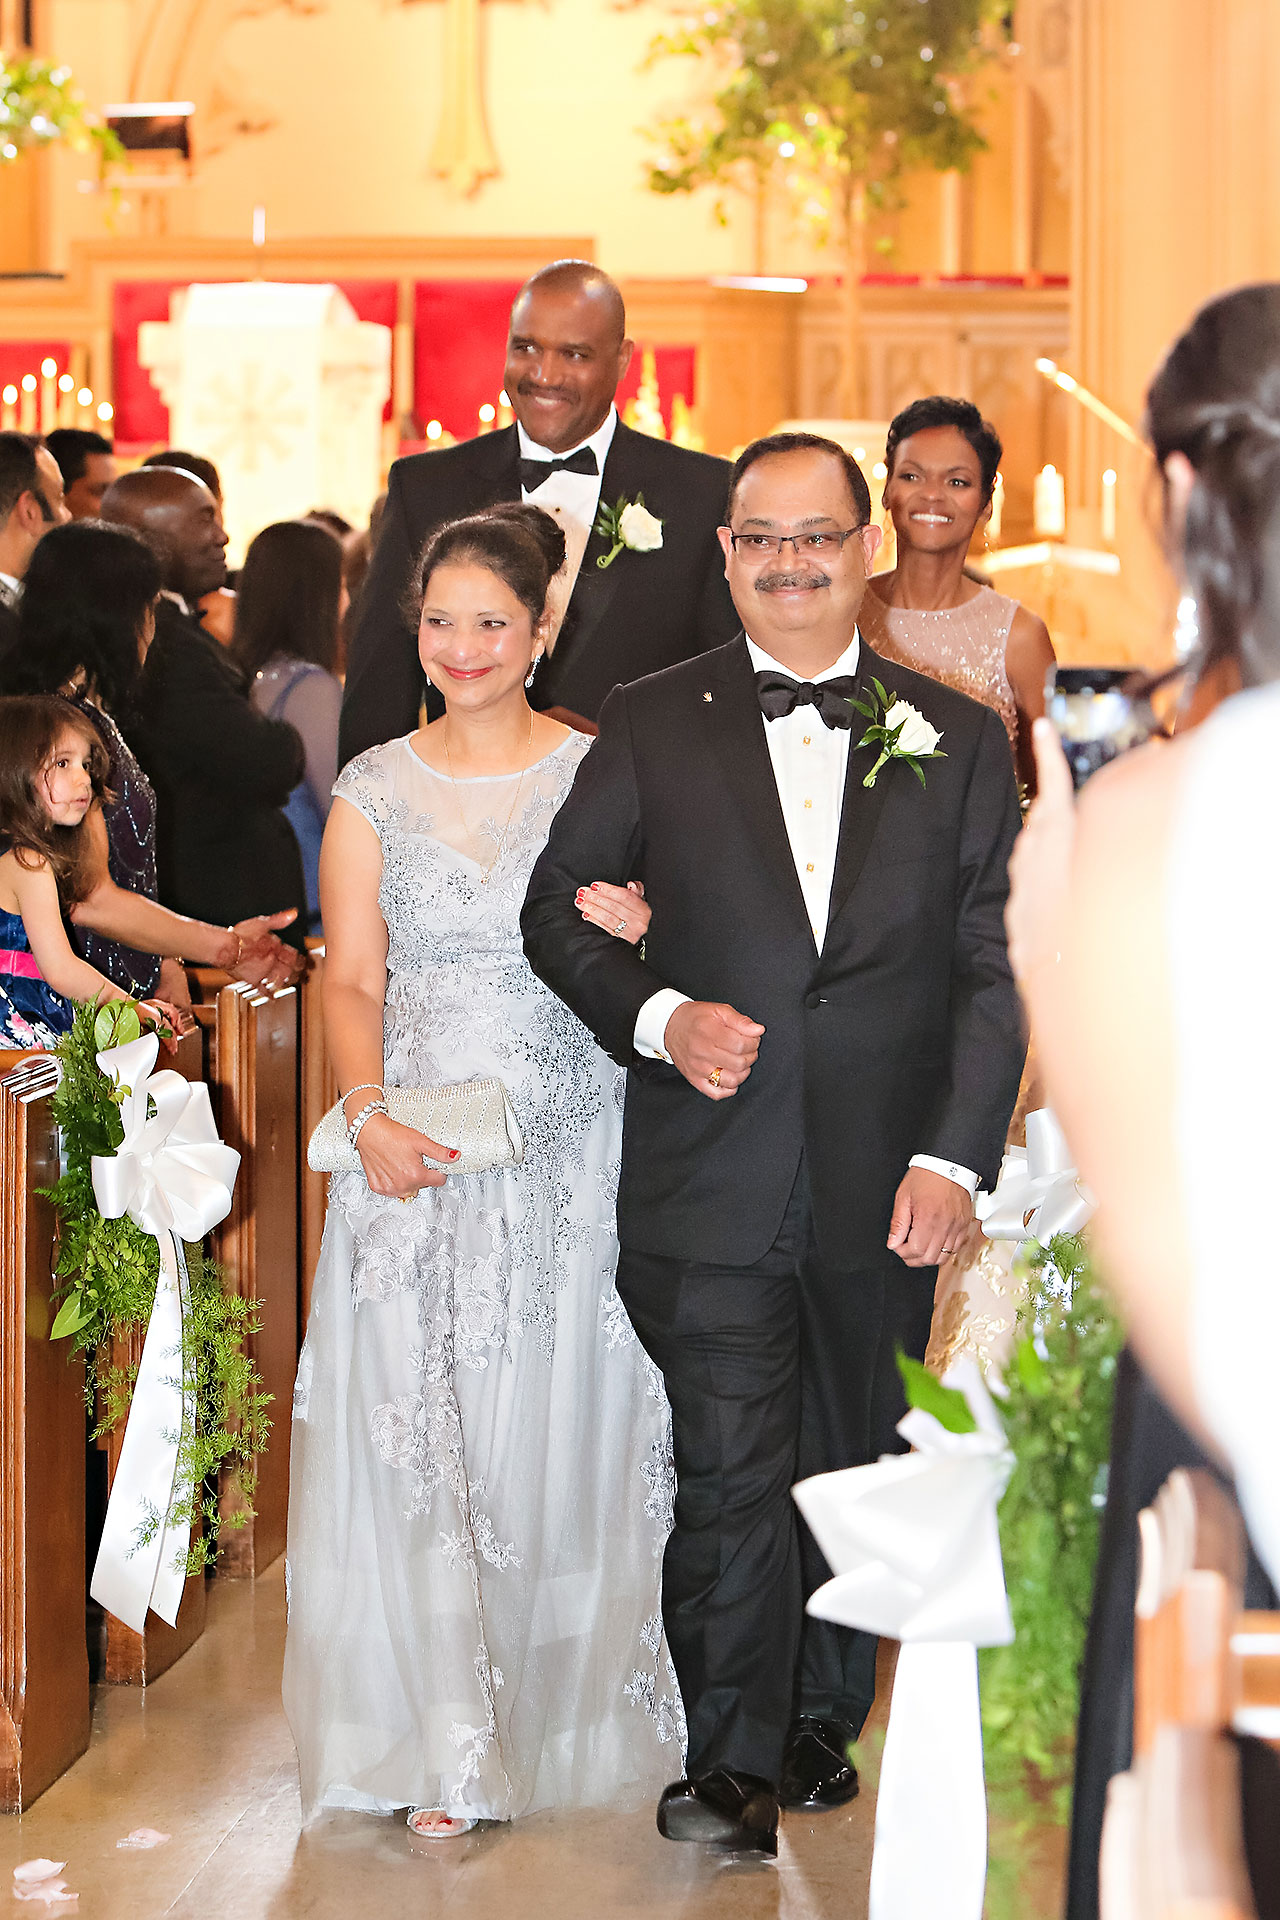 Joie Nikhil Indianapolis Christian Wedding 089